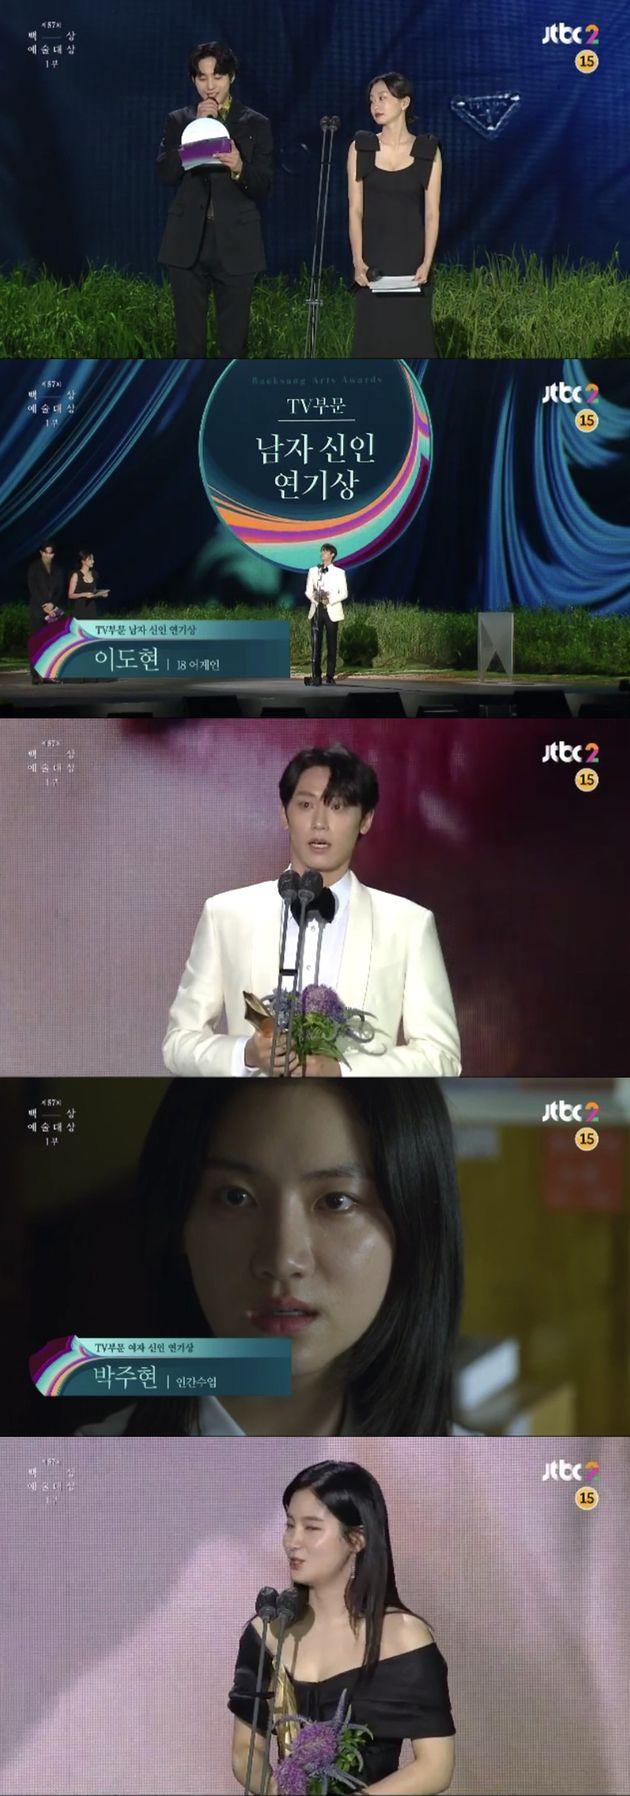 이도현‧박주현이 '제57회 백상예술대상' 시상식에서 TV부문 남녀신인상을 수상했다